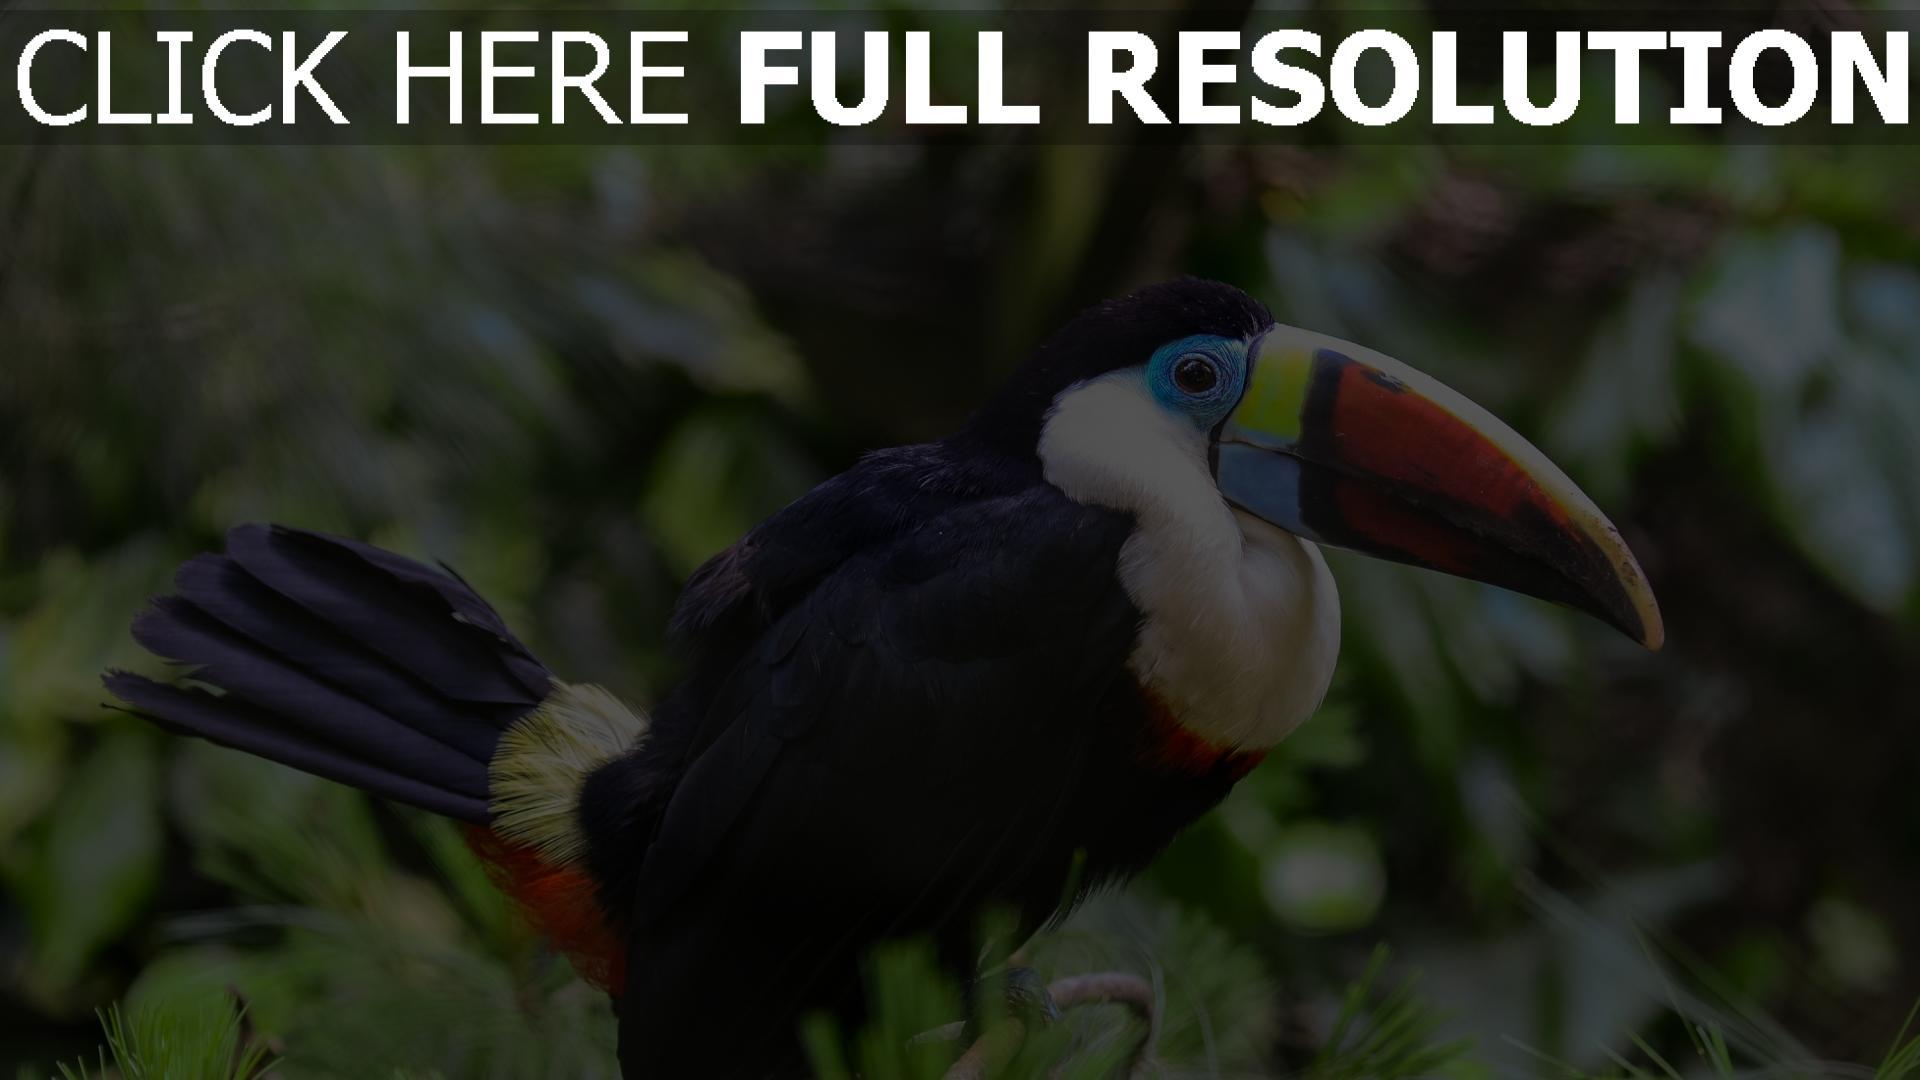 hd hintergrundbilder federn vogel schnabel toucan dickichte 1920x1080